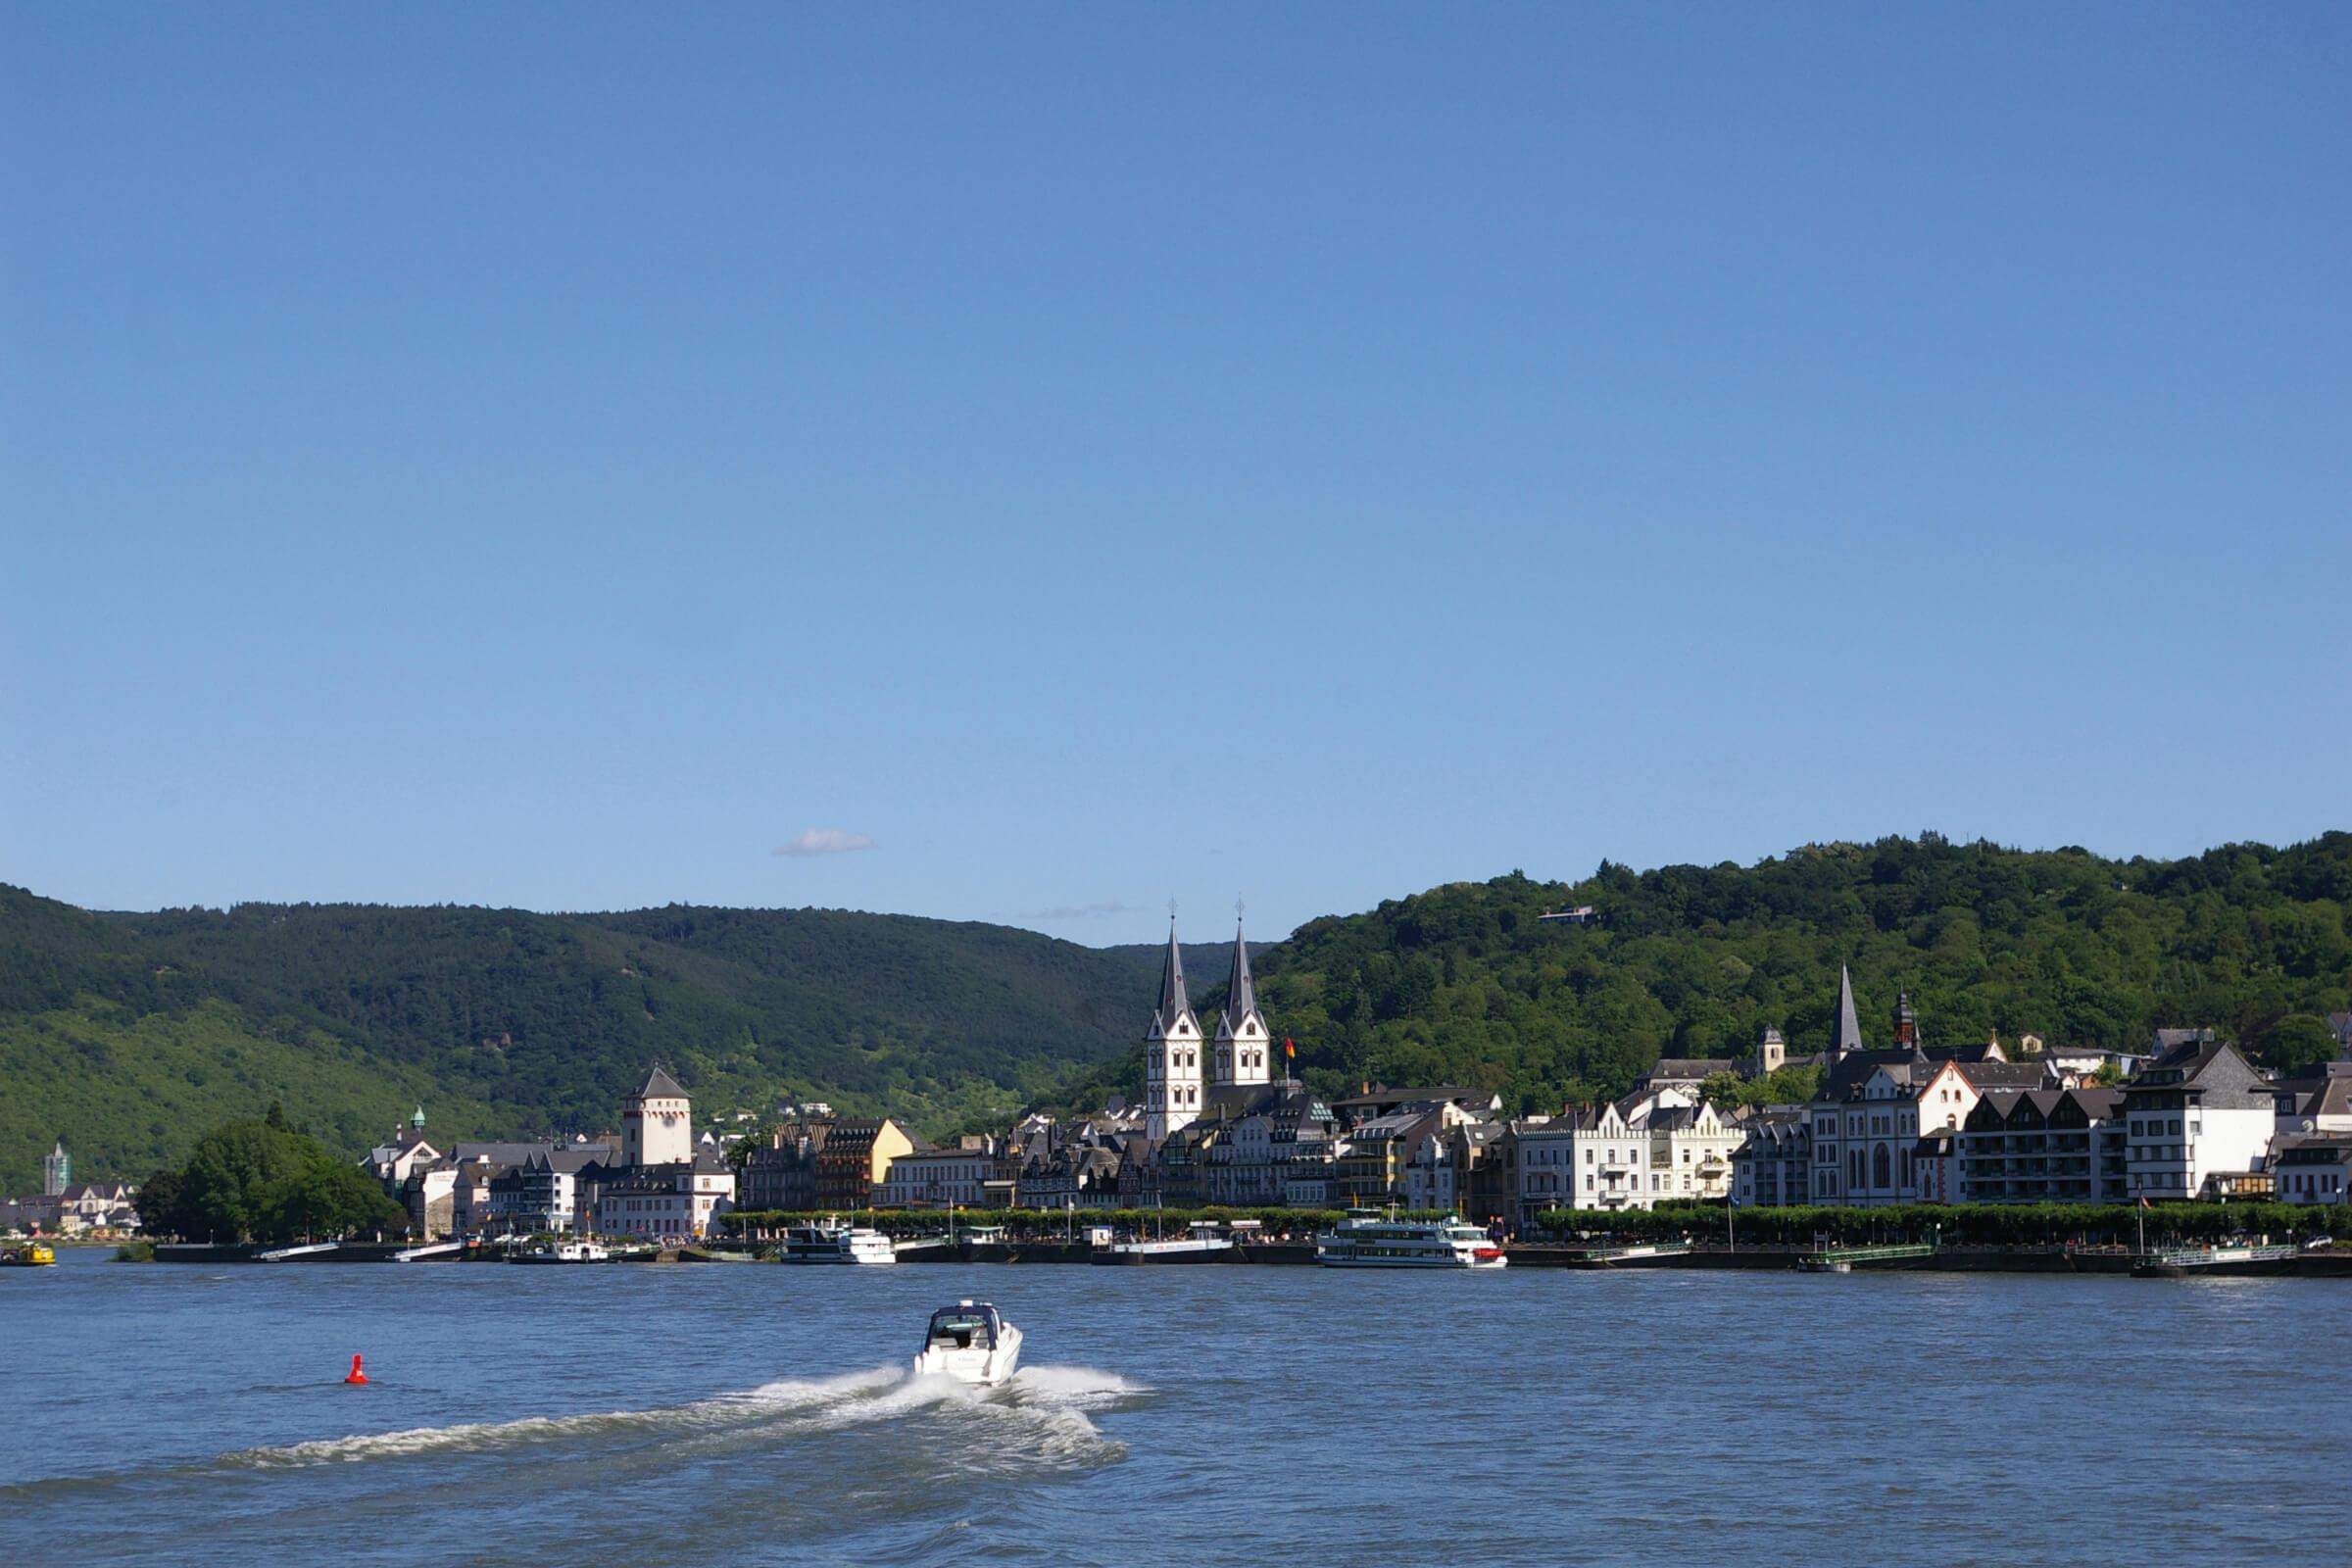 Stadt Boppard am Rhein - Ansicht vom Wasser aus